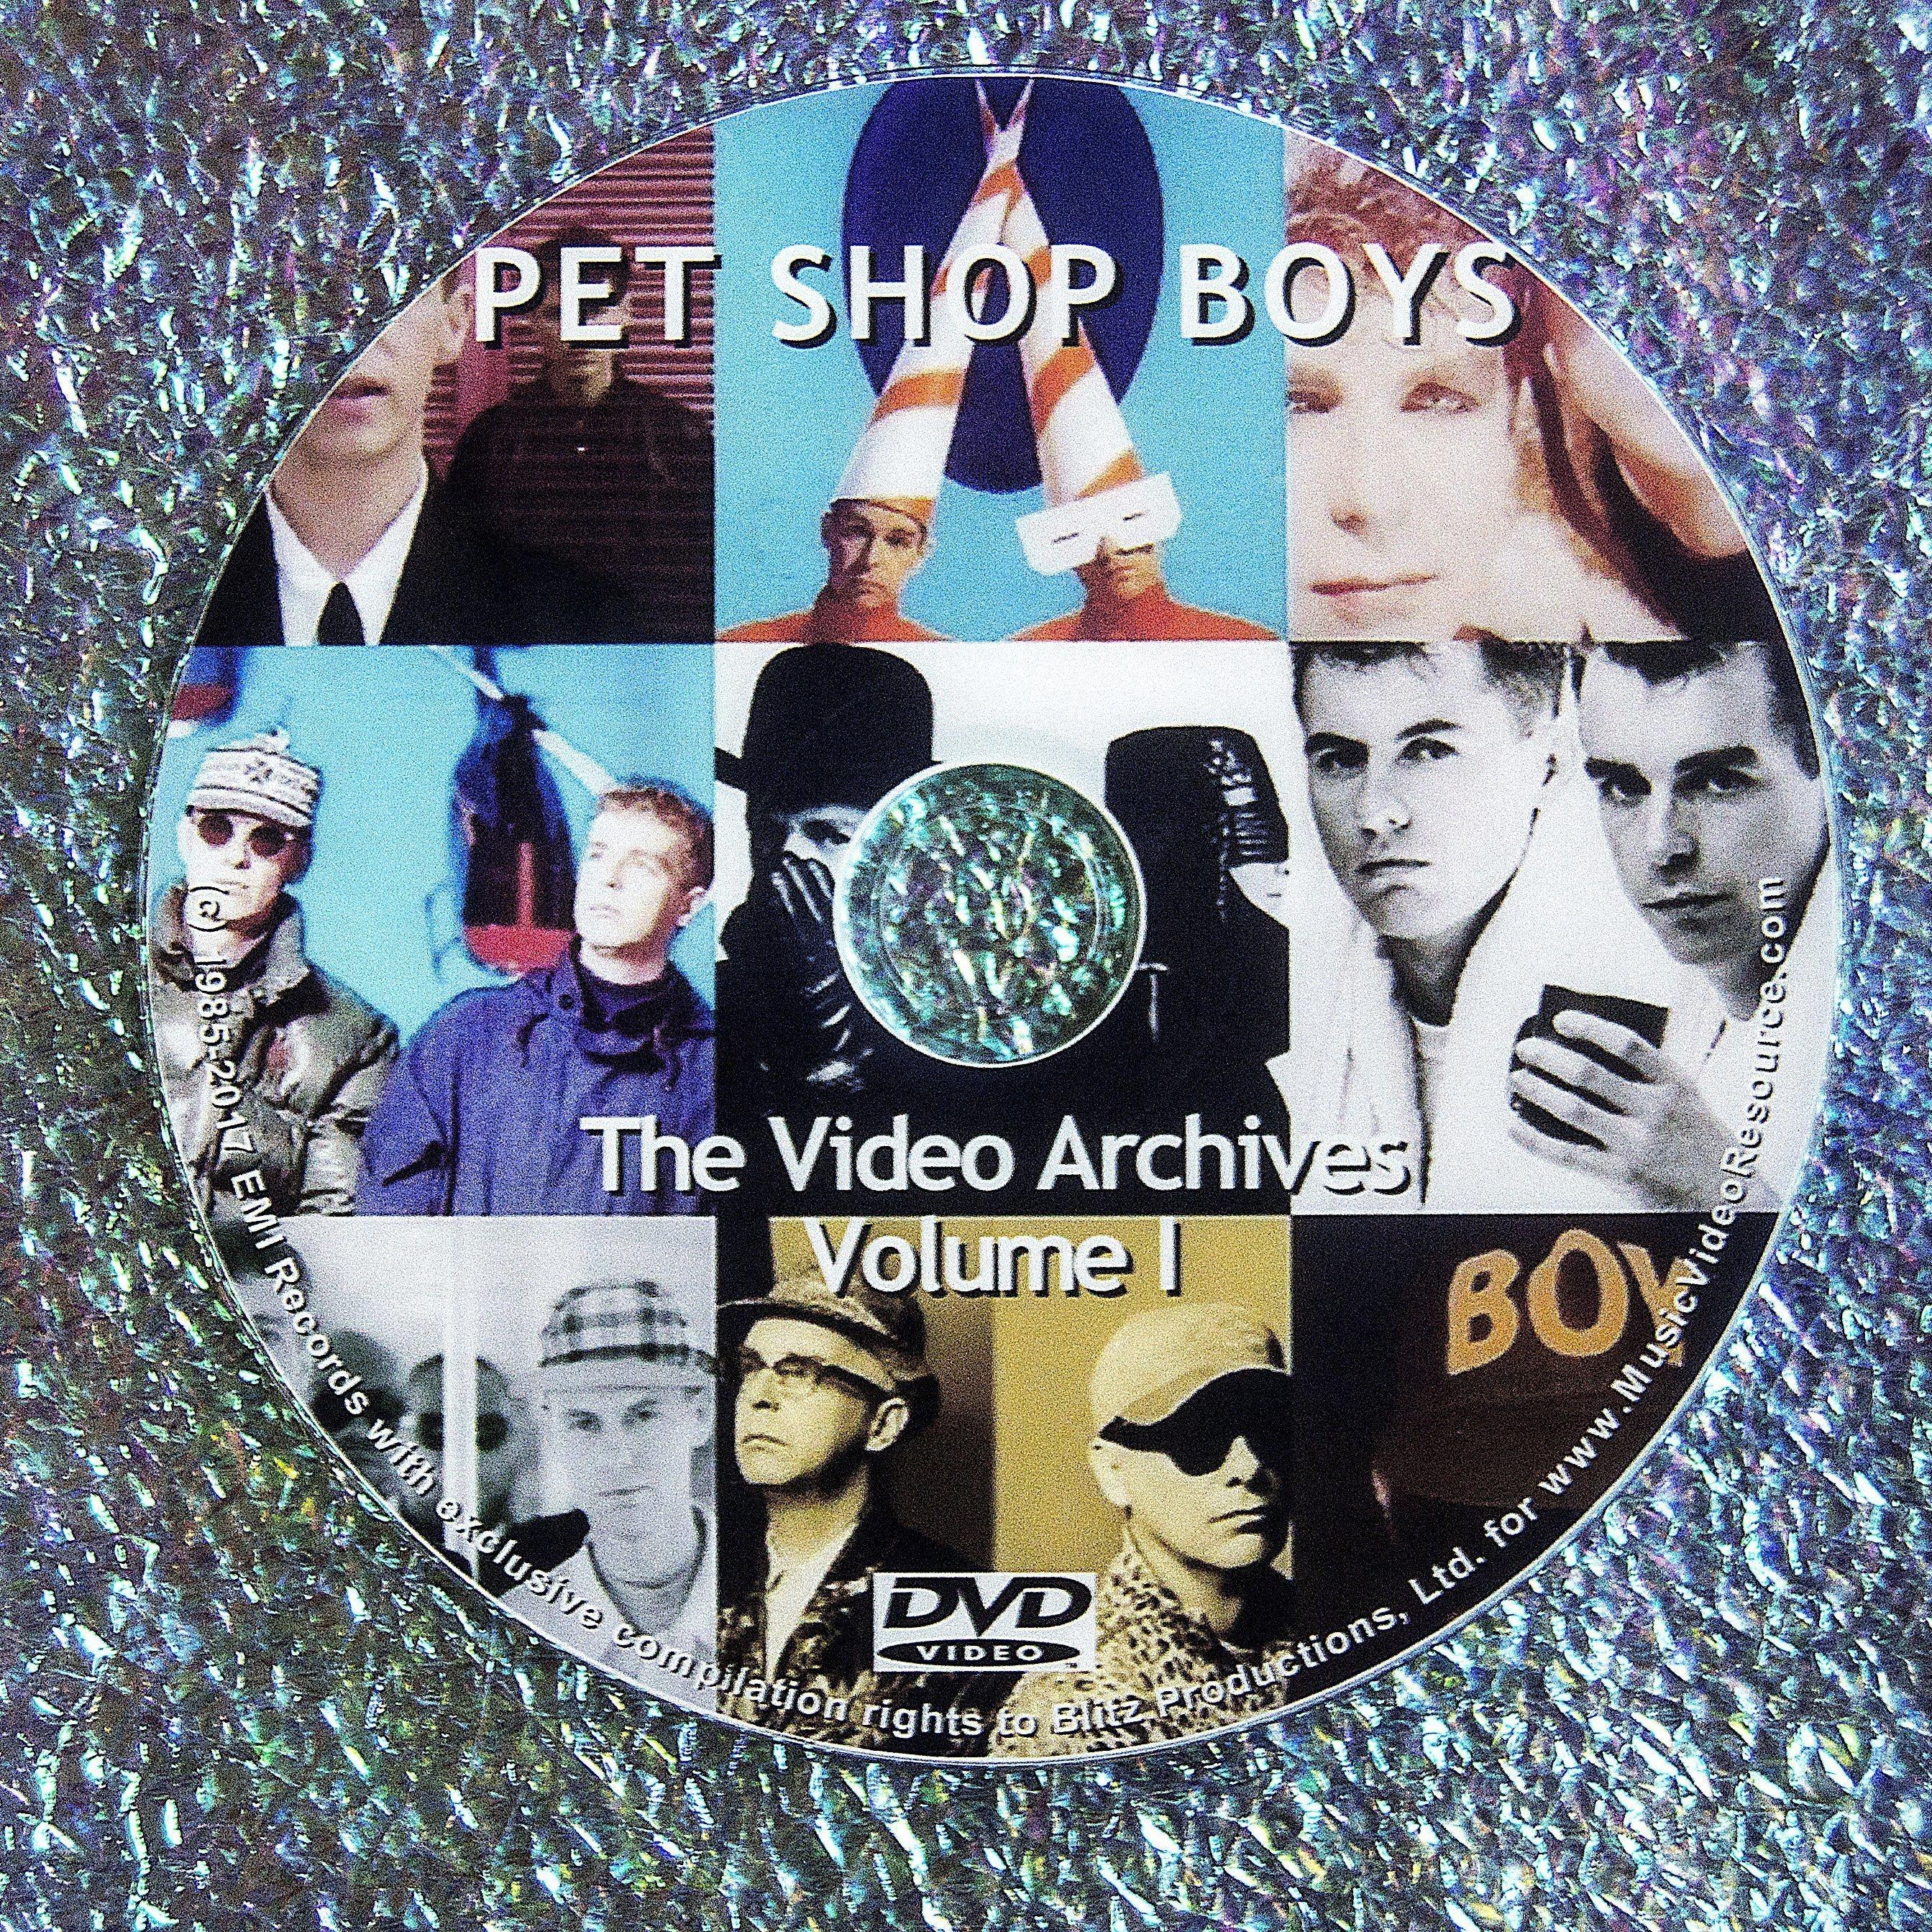 Pet Shop Boys The Video Archive Collection 1986-2016 (6 DVD Set)